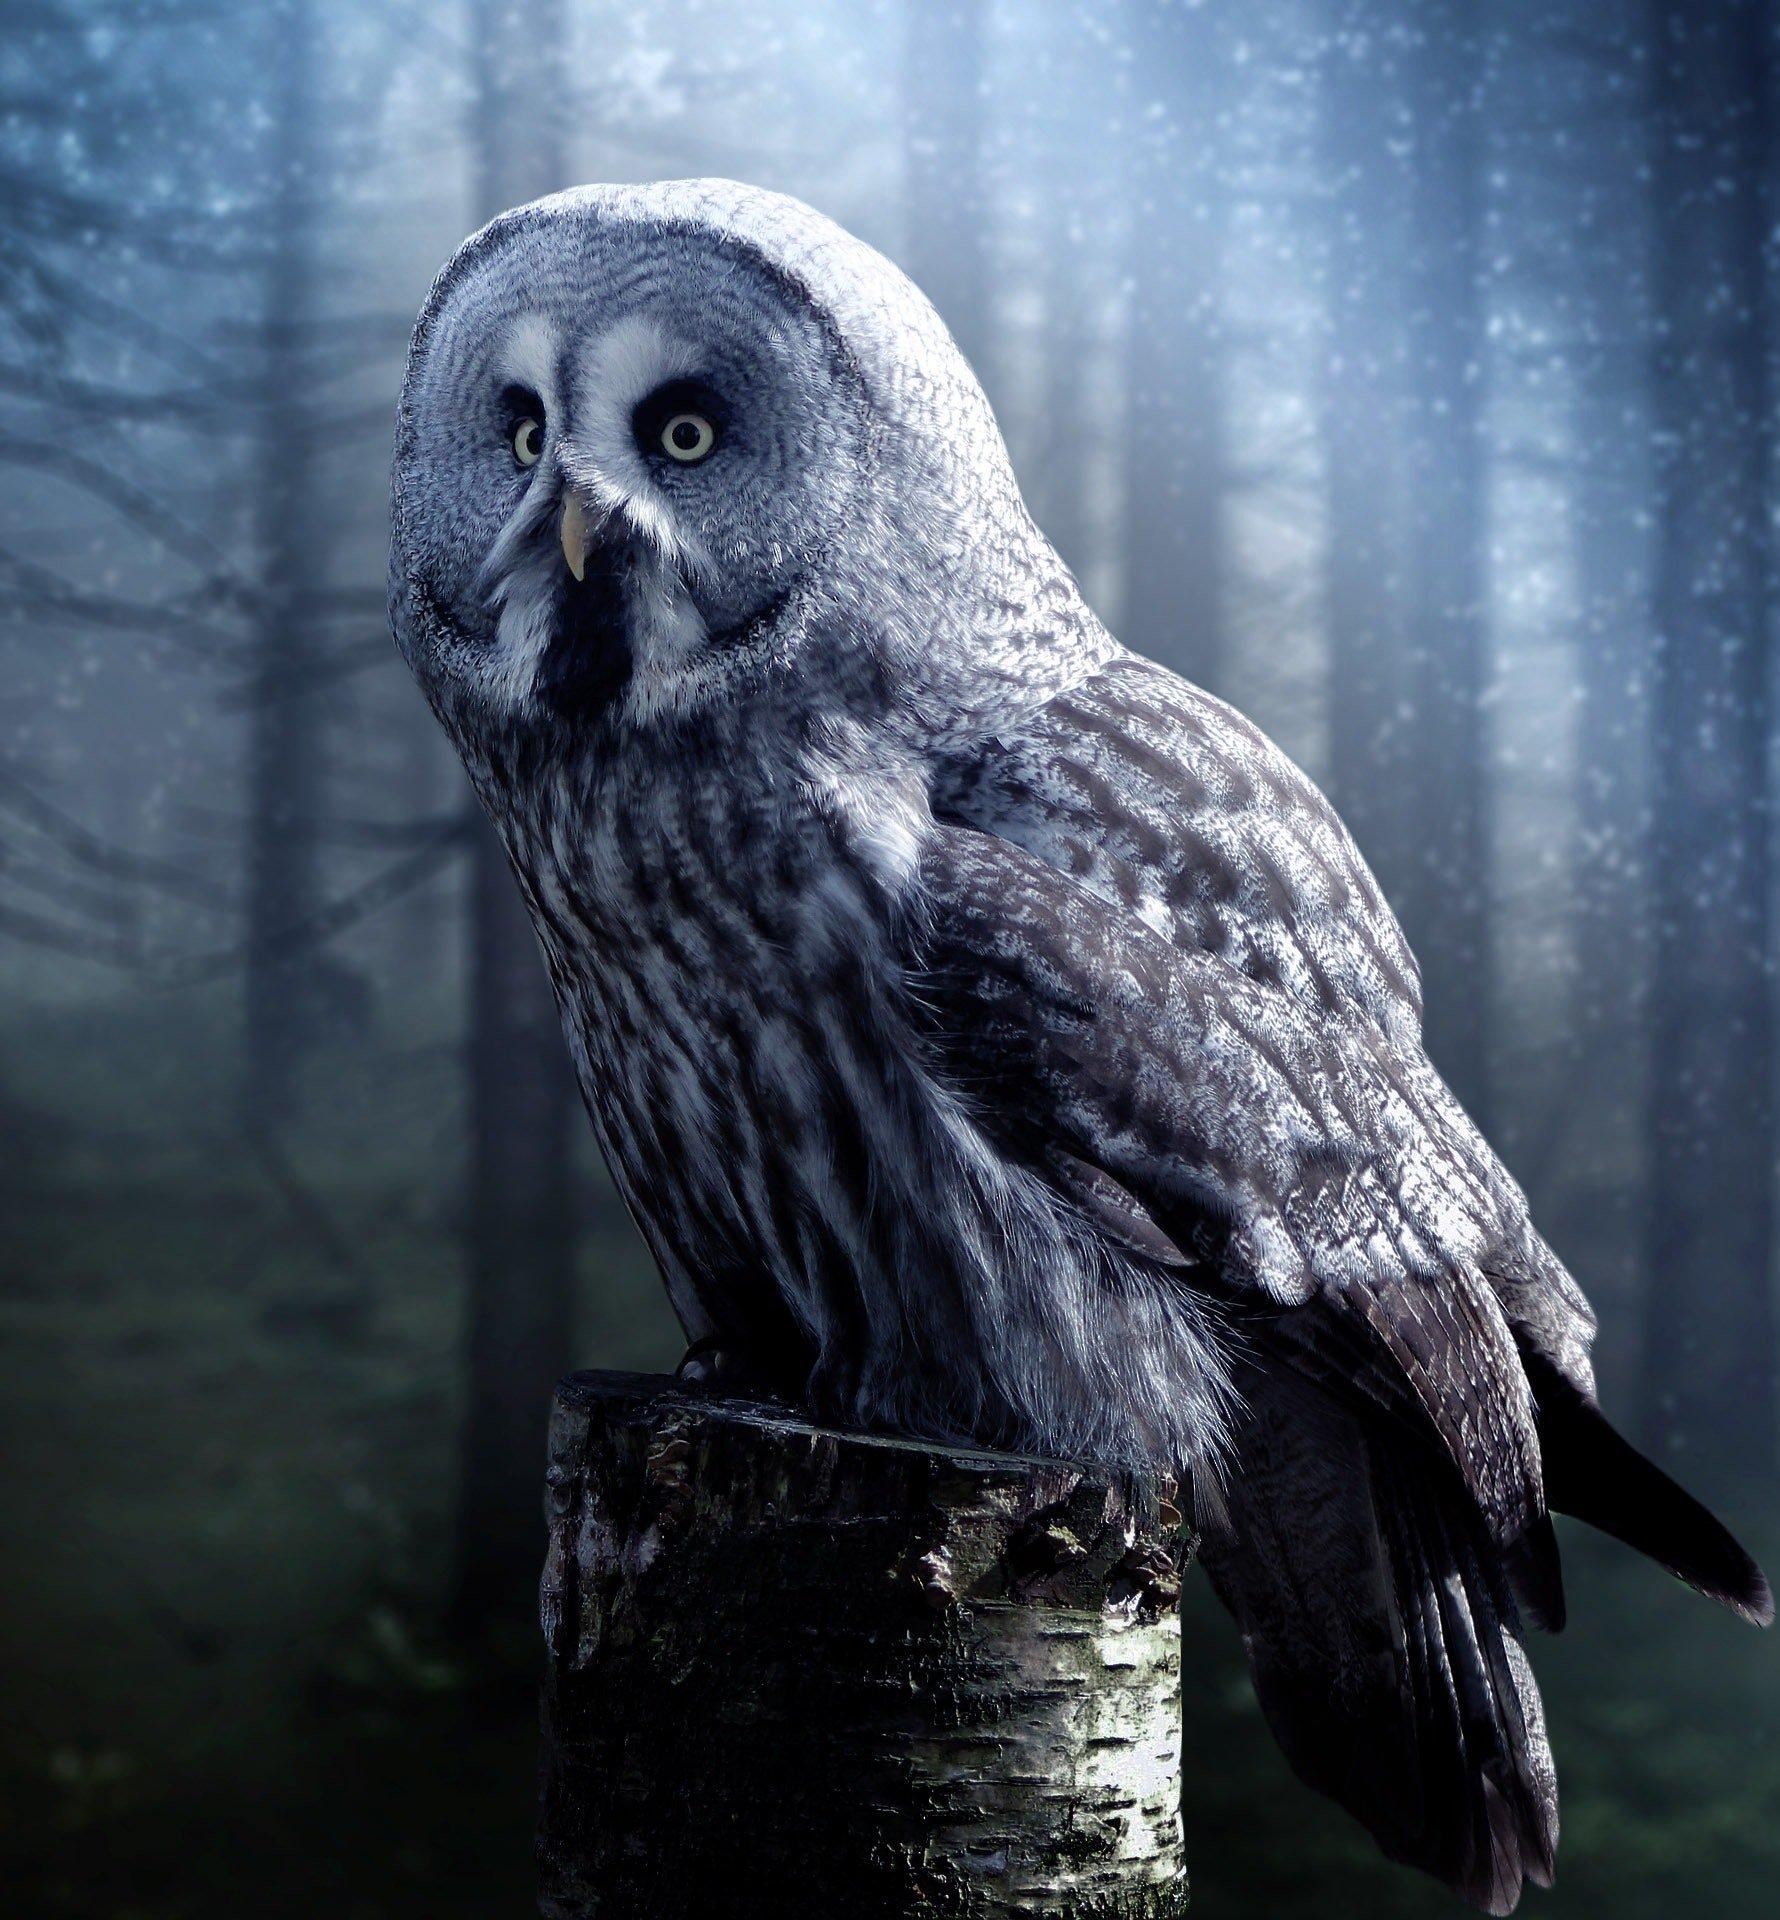 2bU - Owls